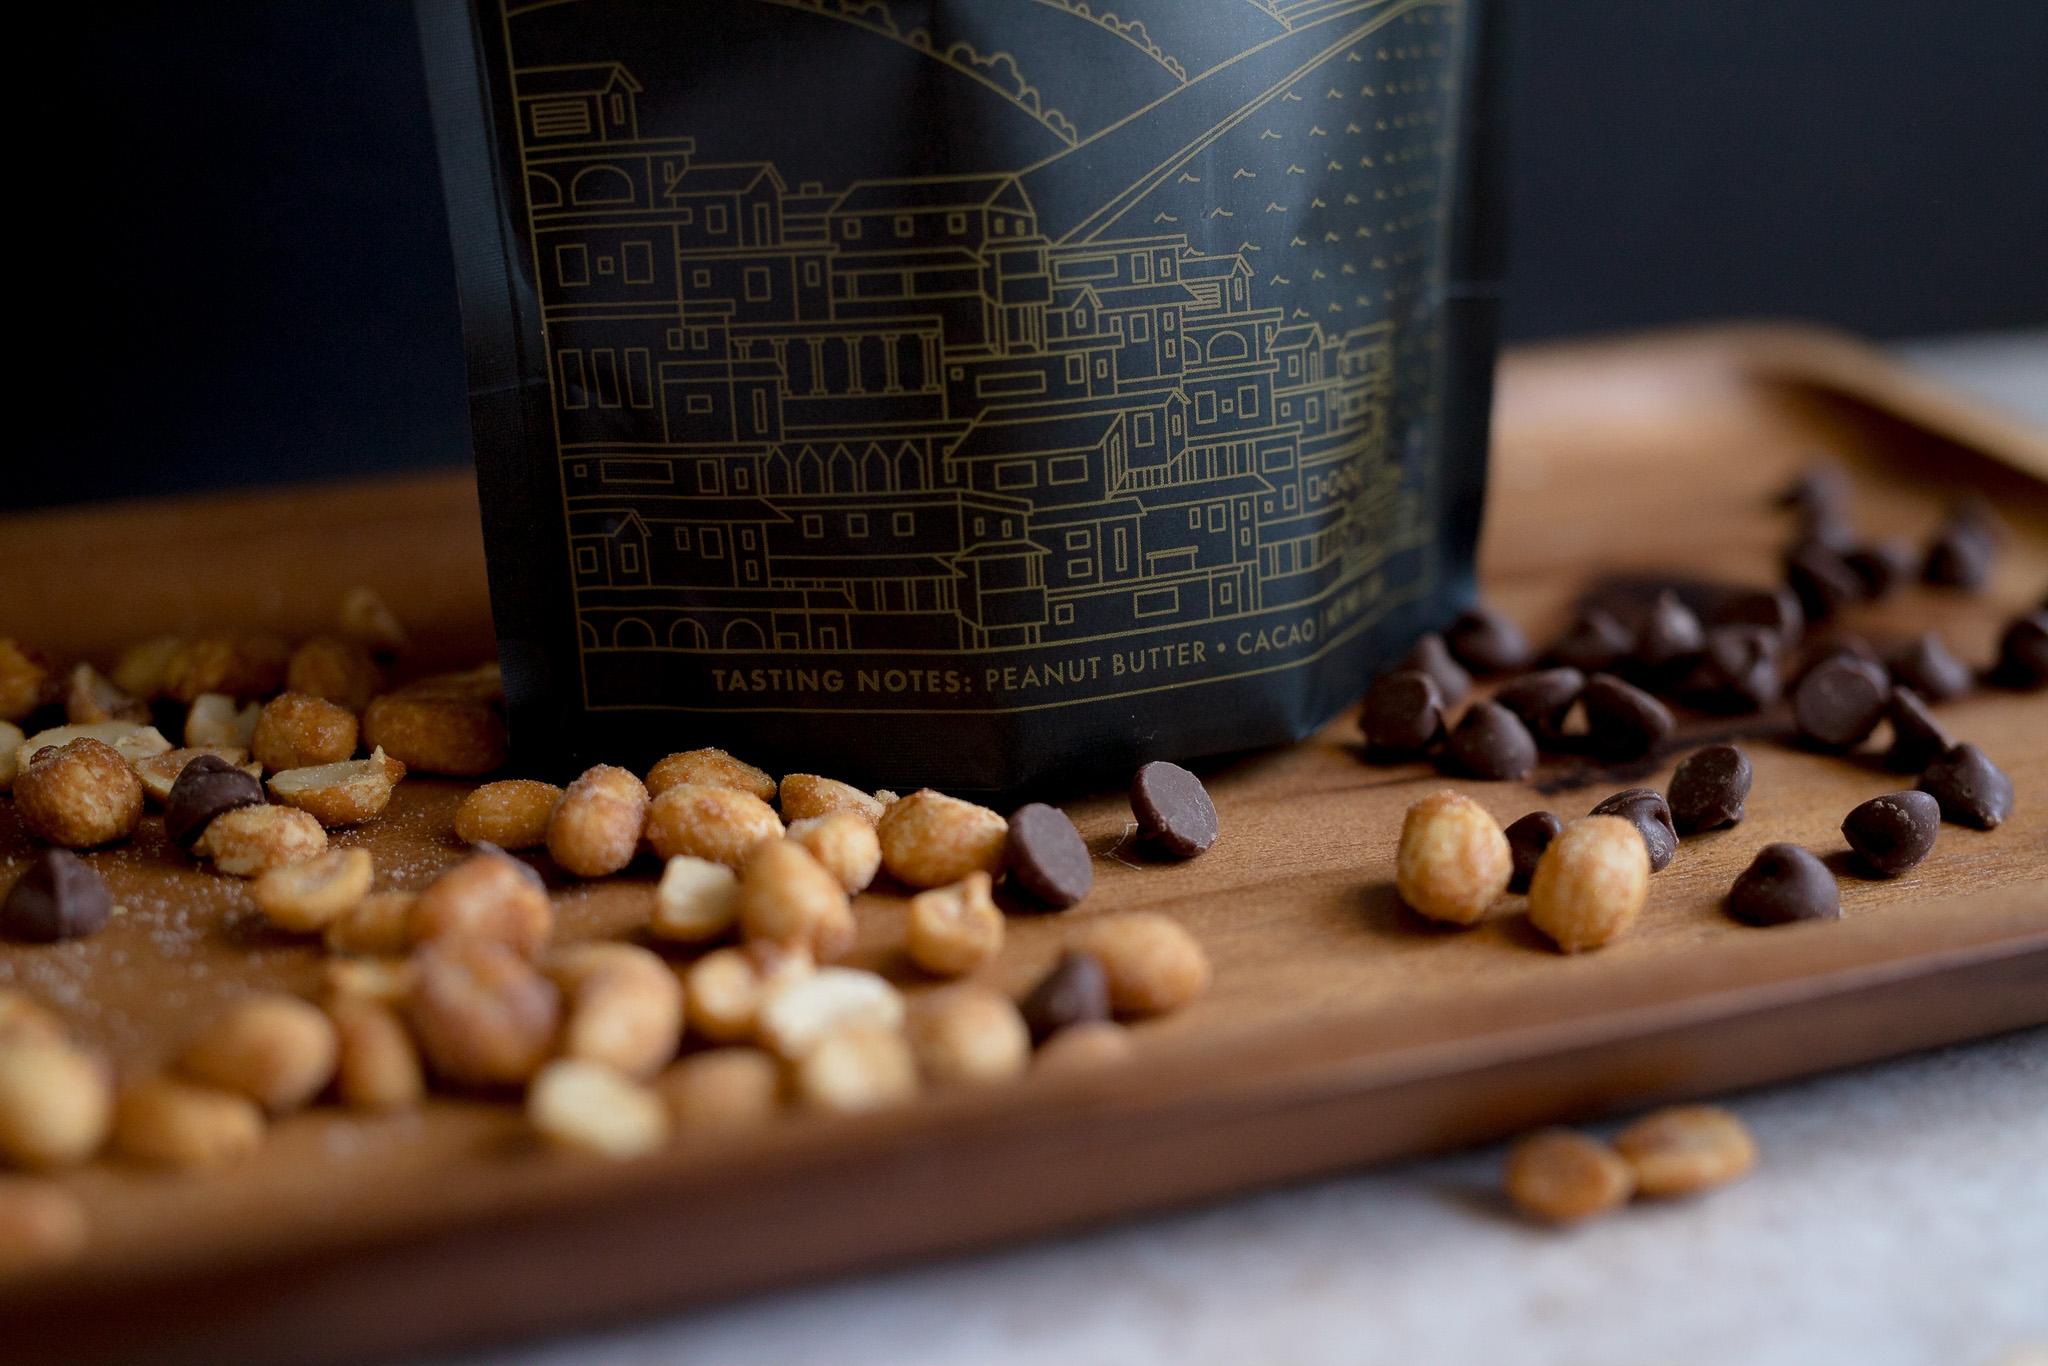 Peanut Butter and Cocoa flavor notes Haiti coffee la barba